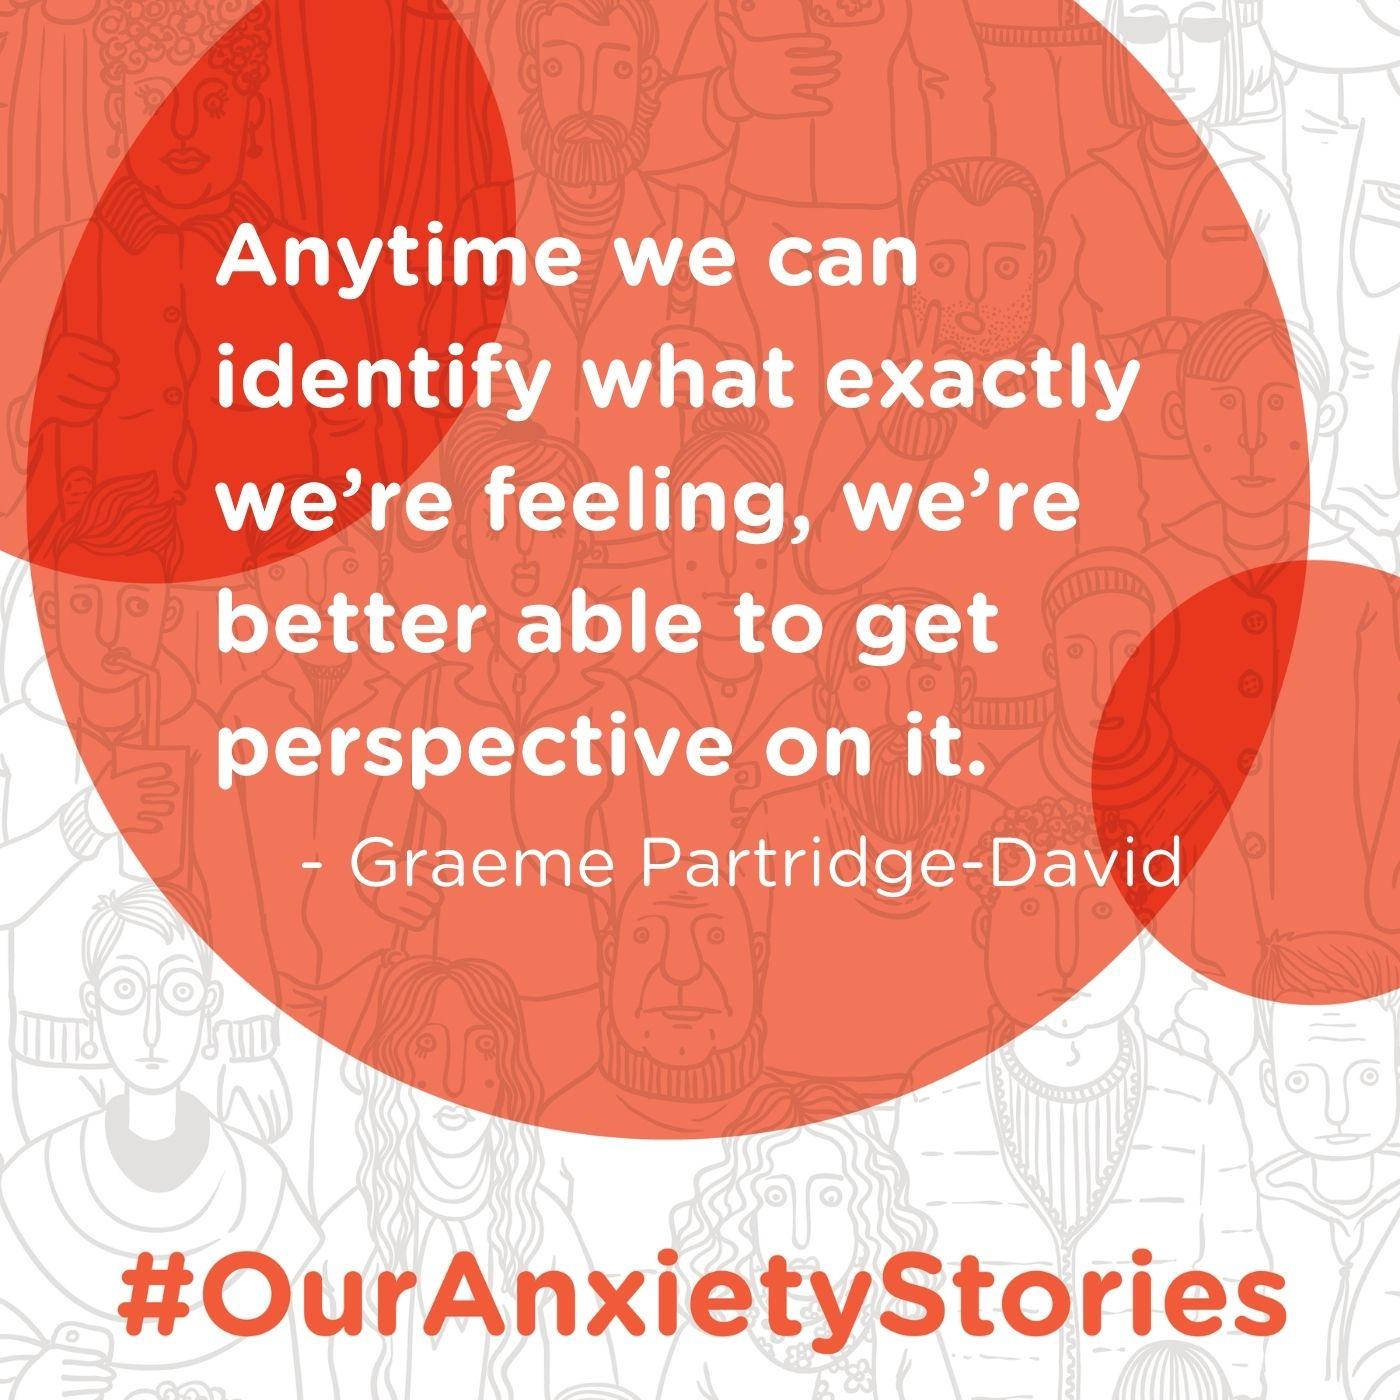 Graeme Partridge-David